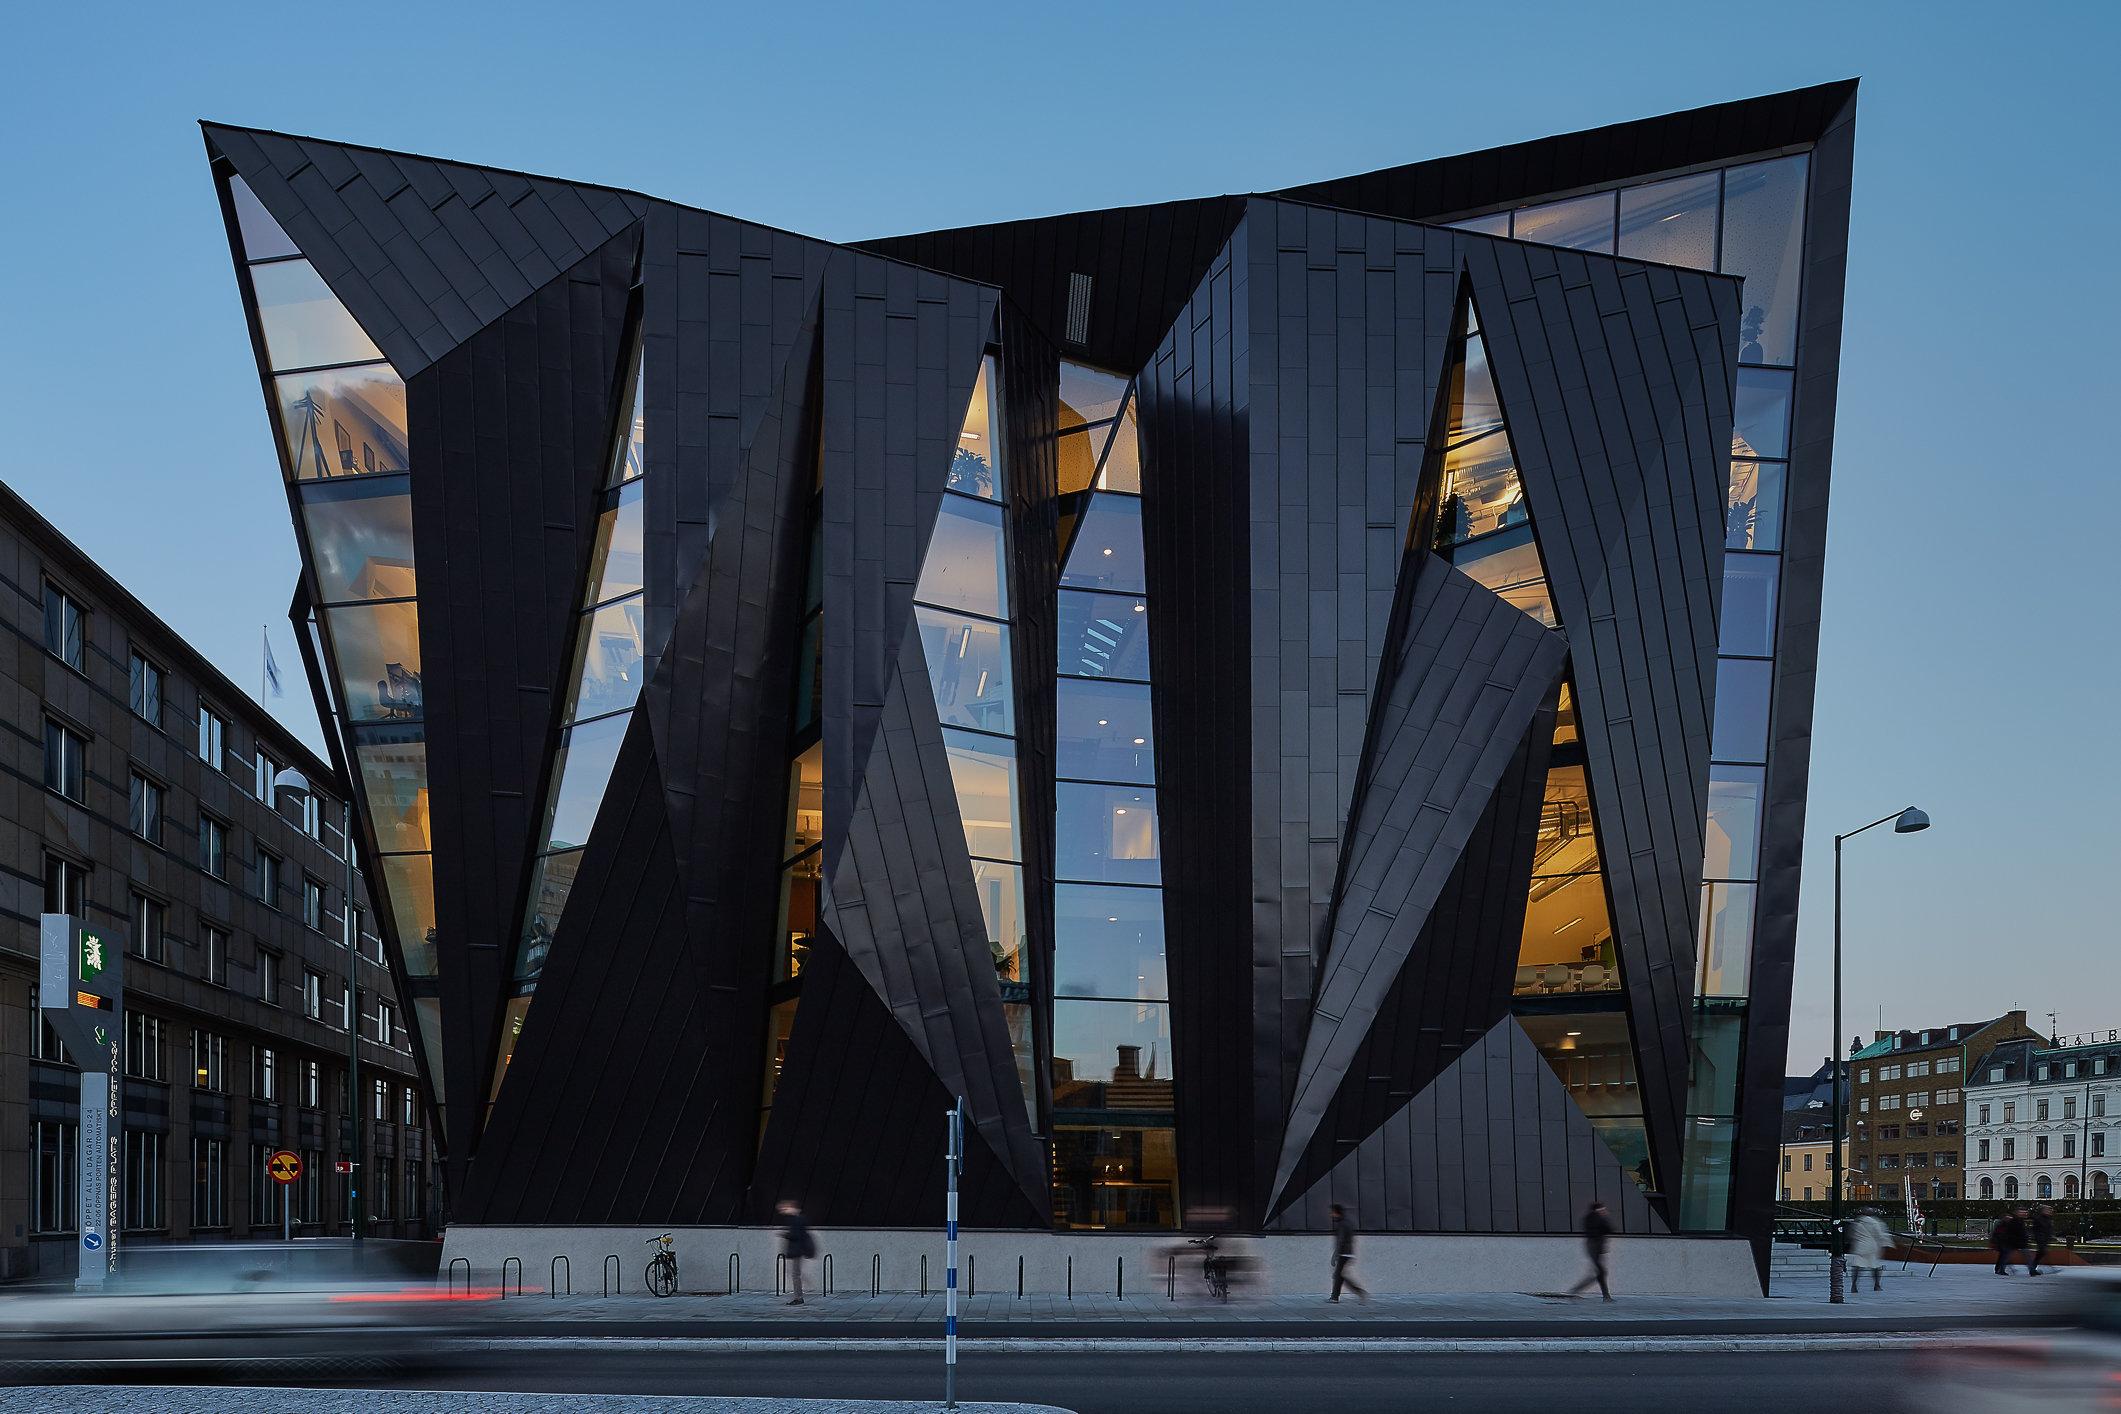 Tornhuset Malmö